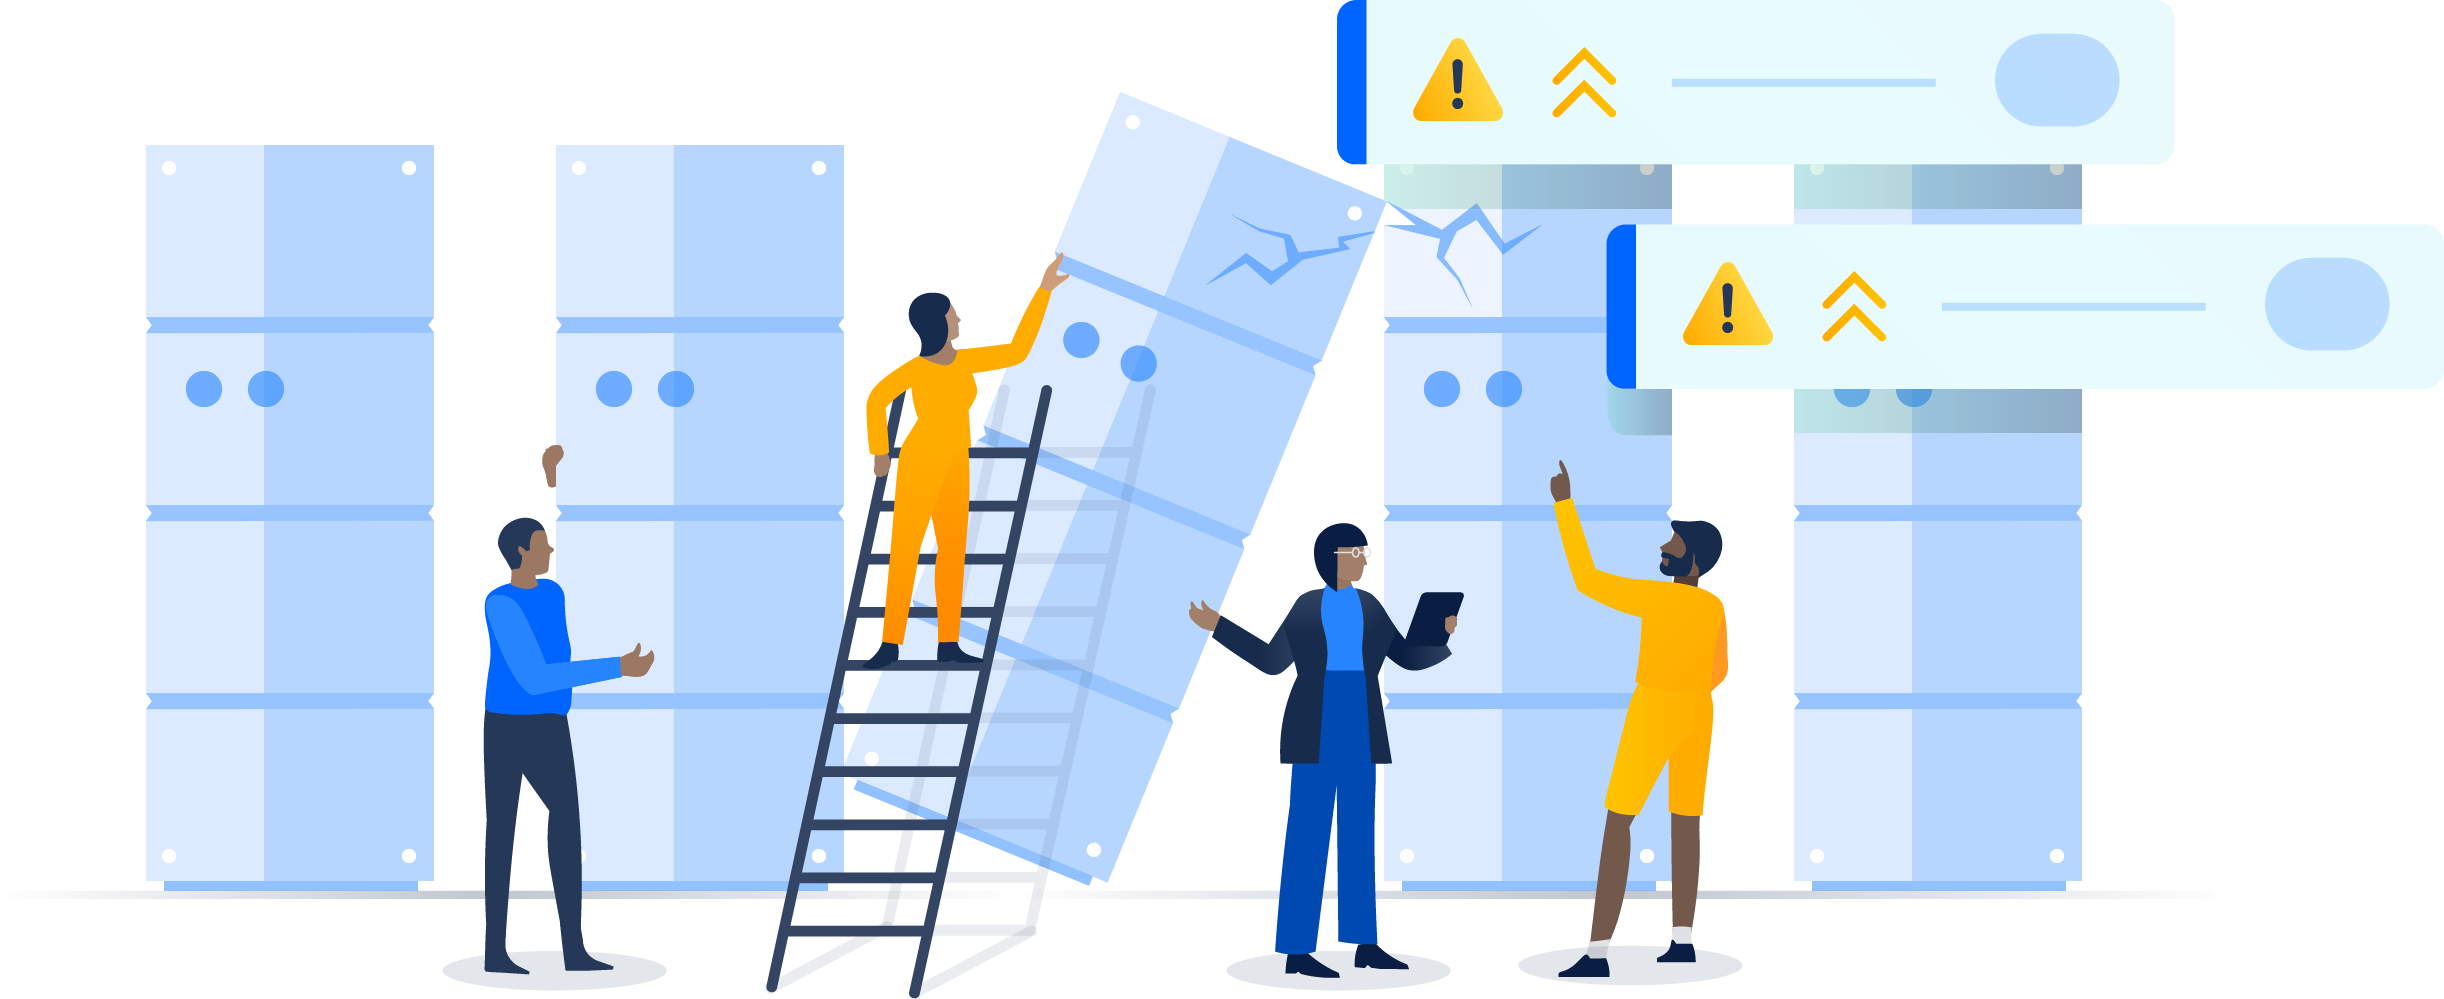 Колонна серверов с одним опрокидывающимся и вызывающим проблемы сервером